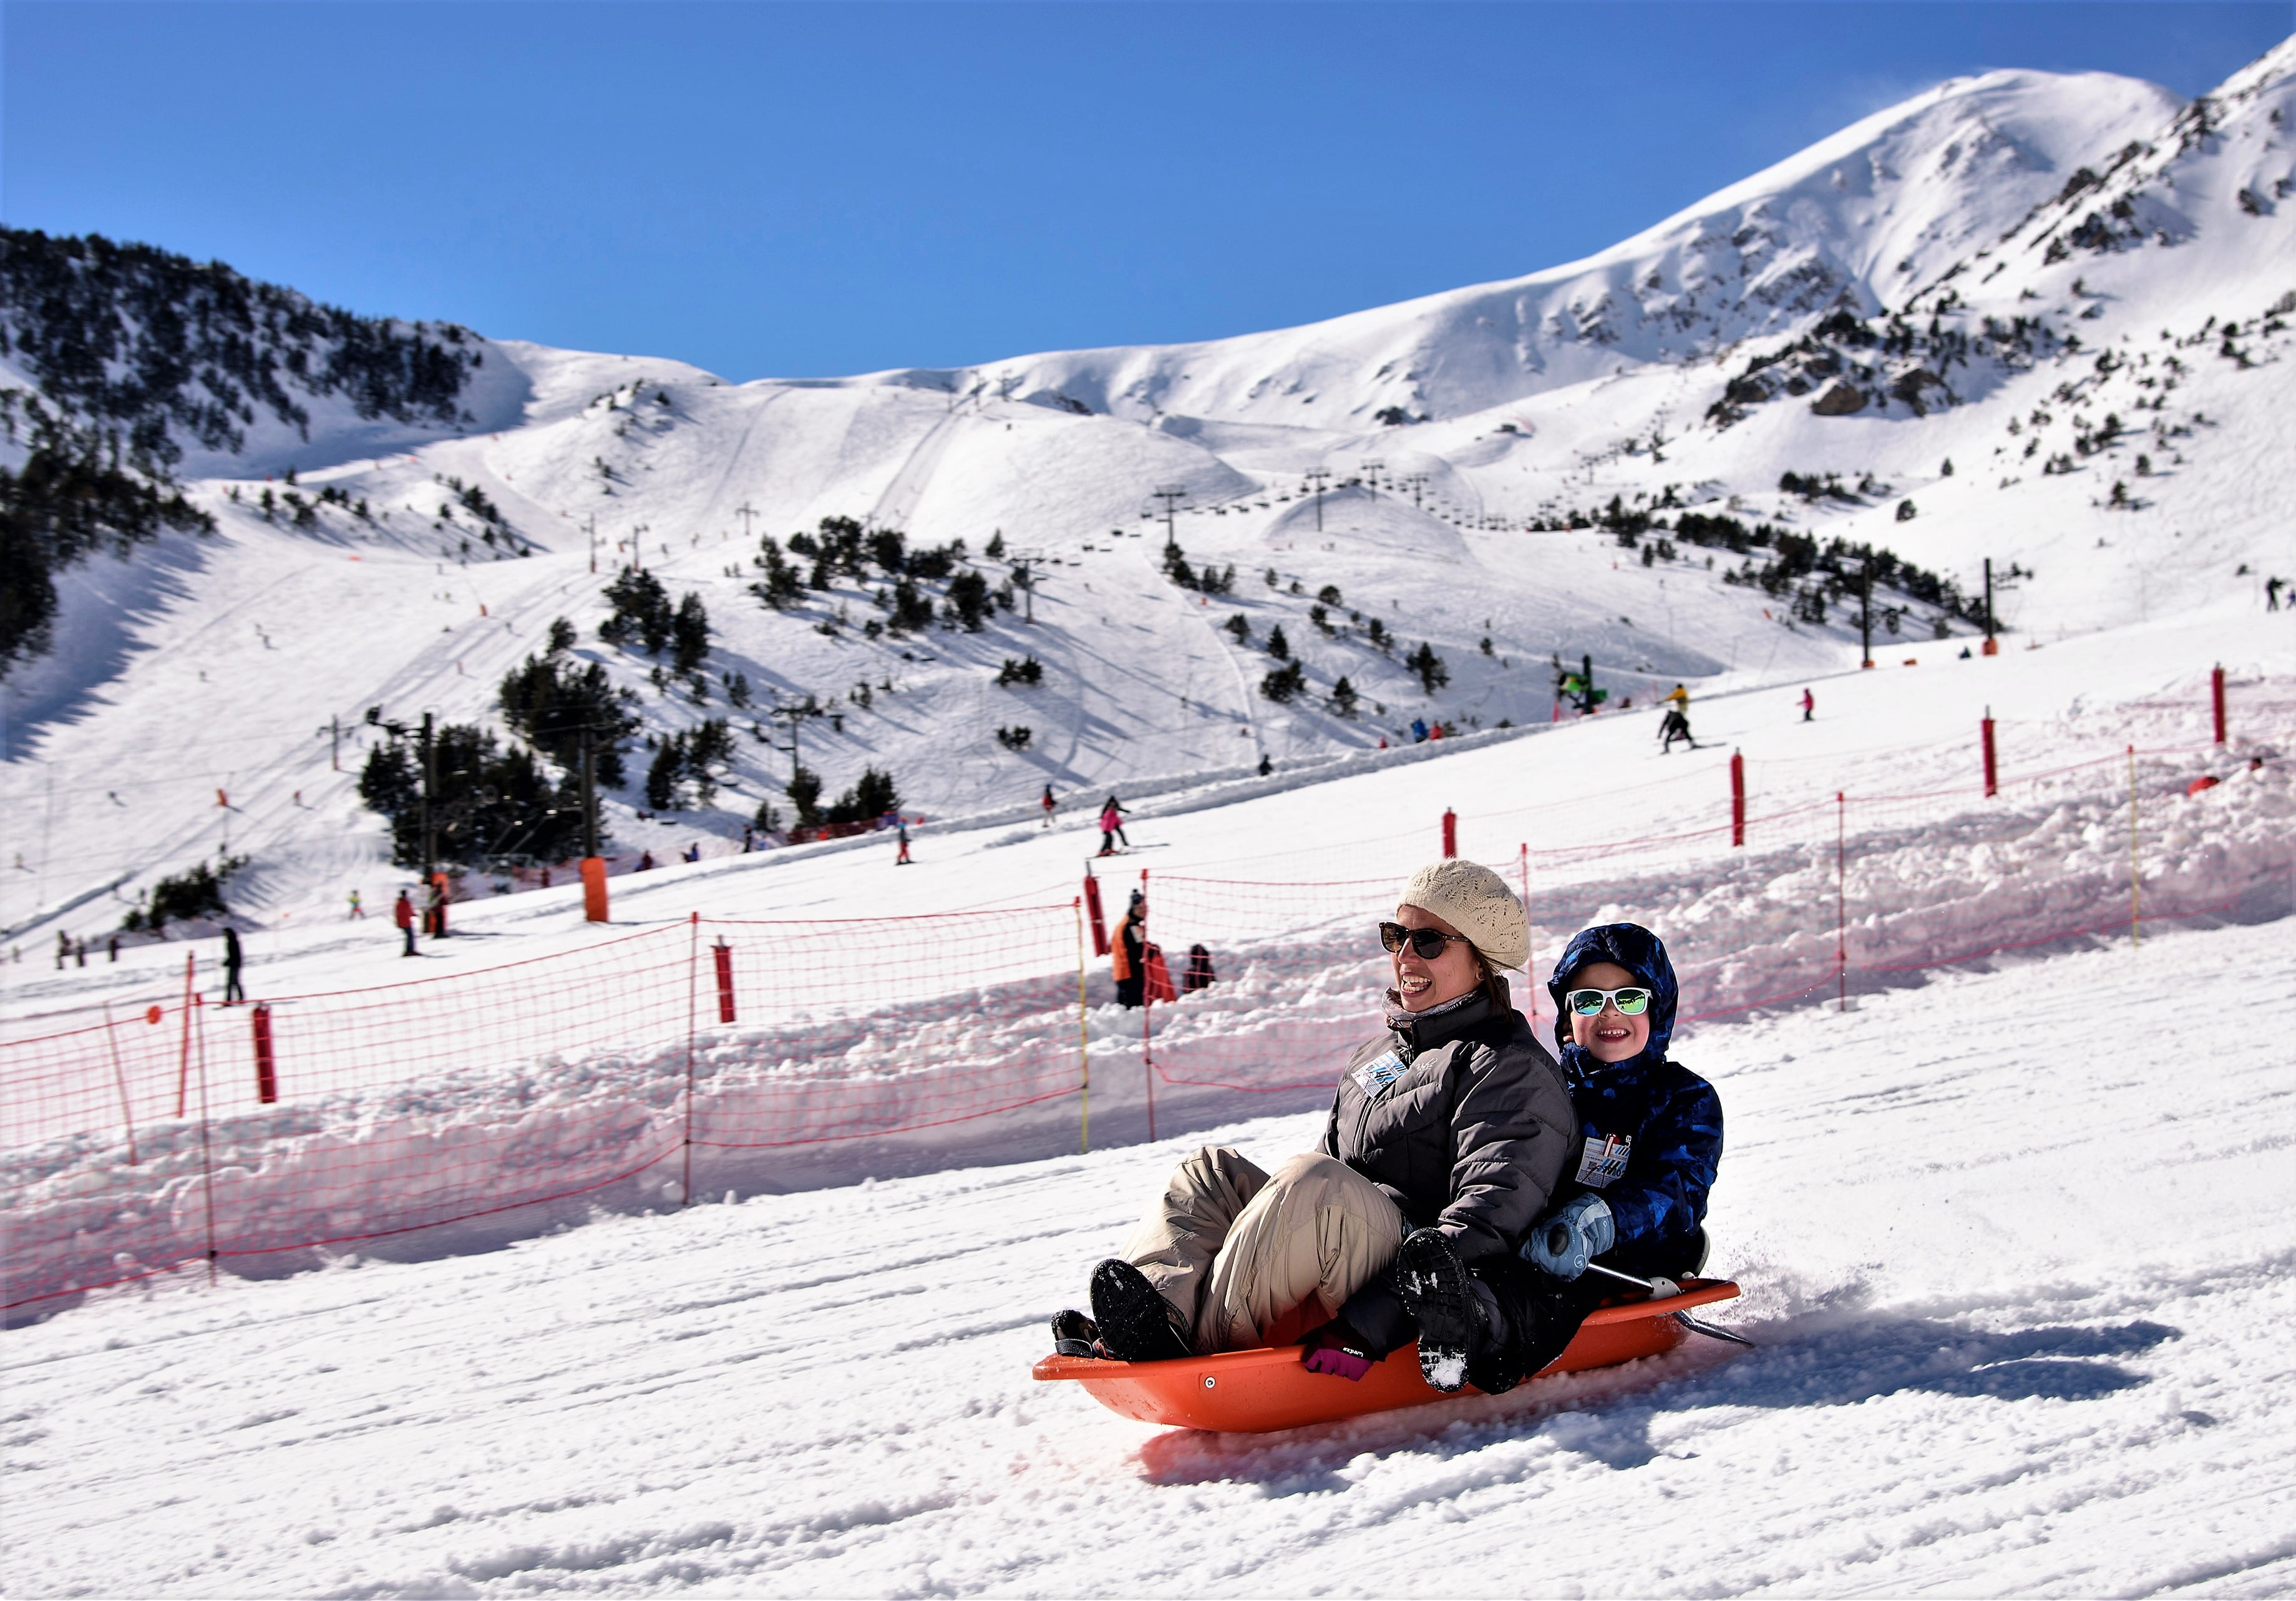 La Molina estaciones esquí Grup FGC programación Navidad